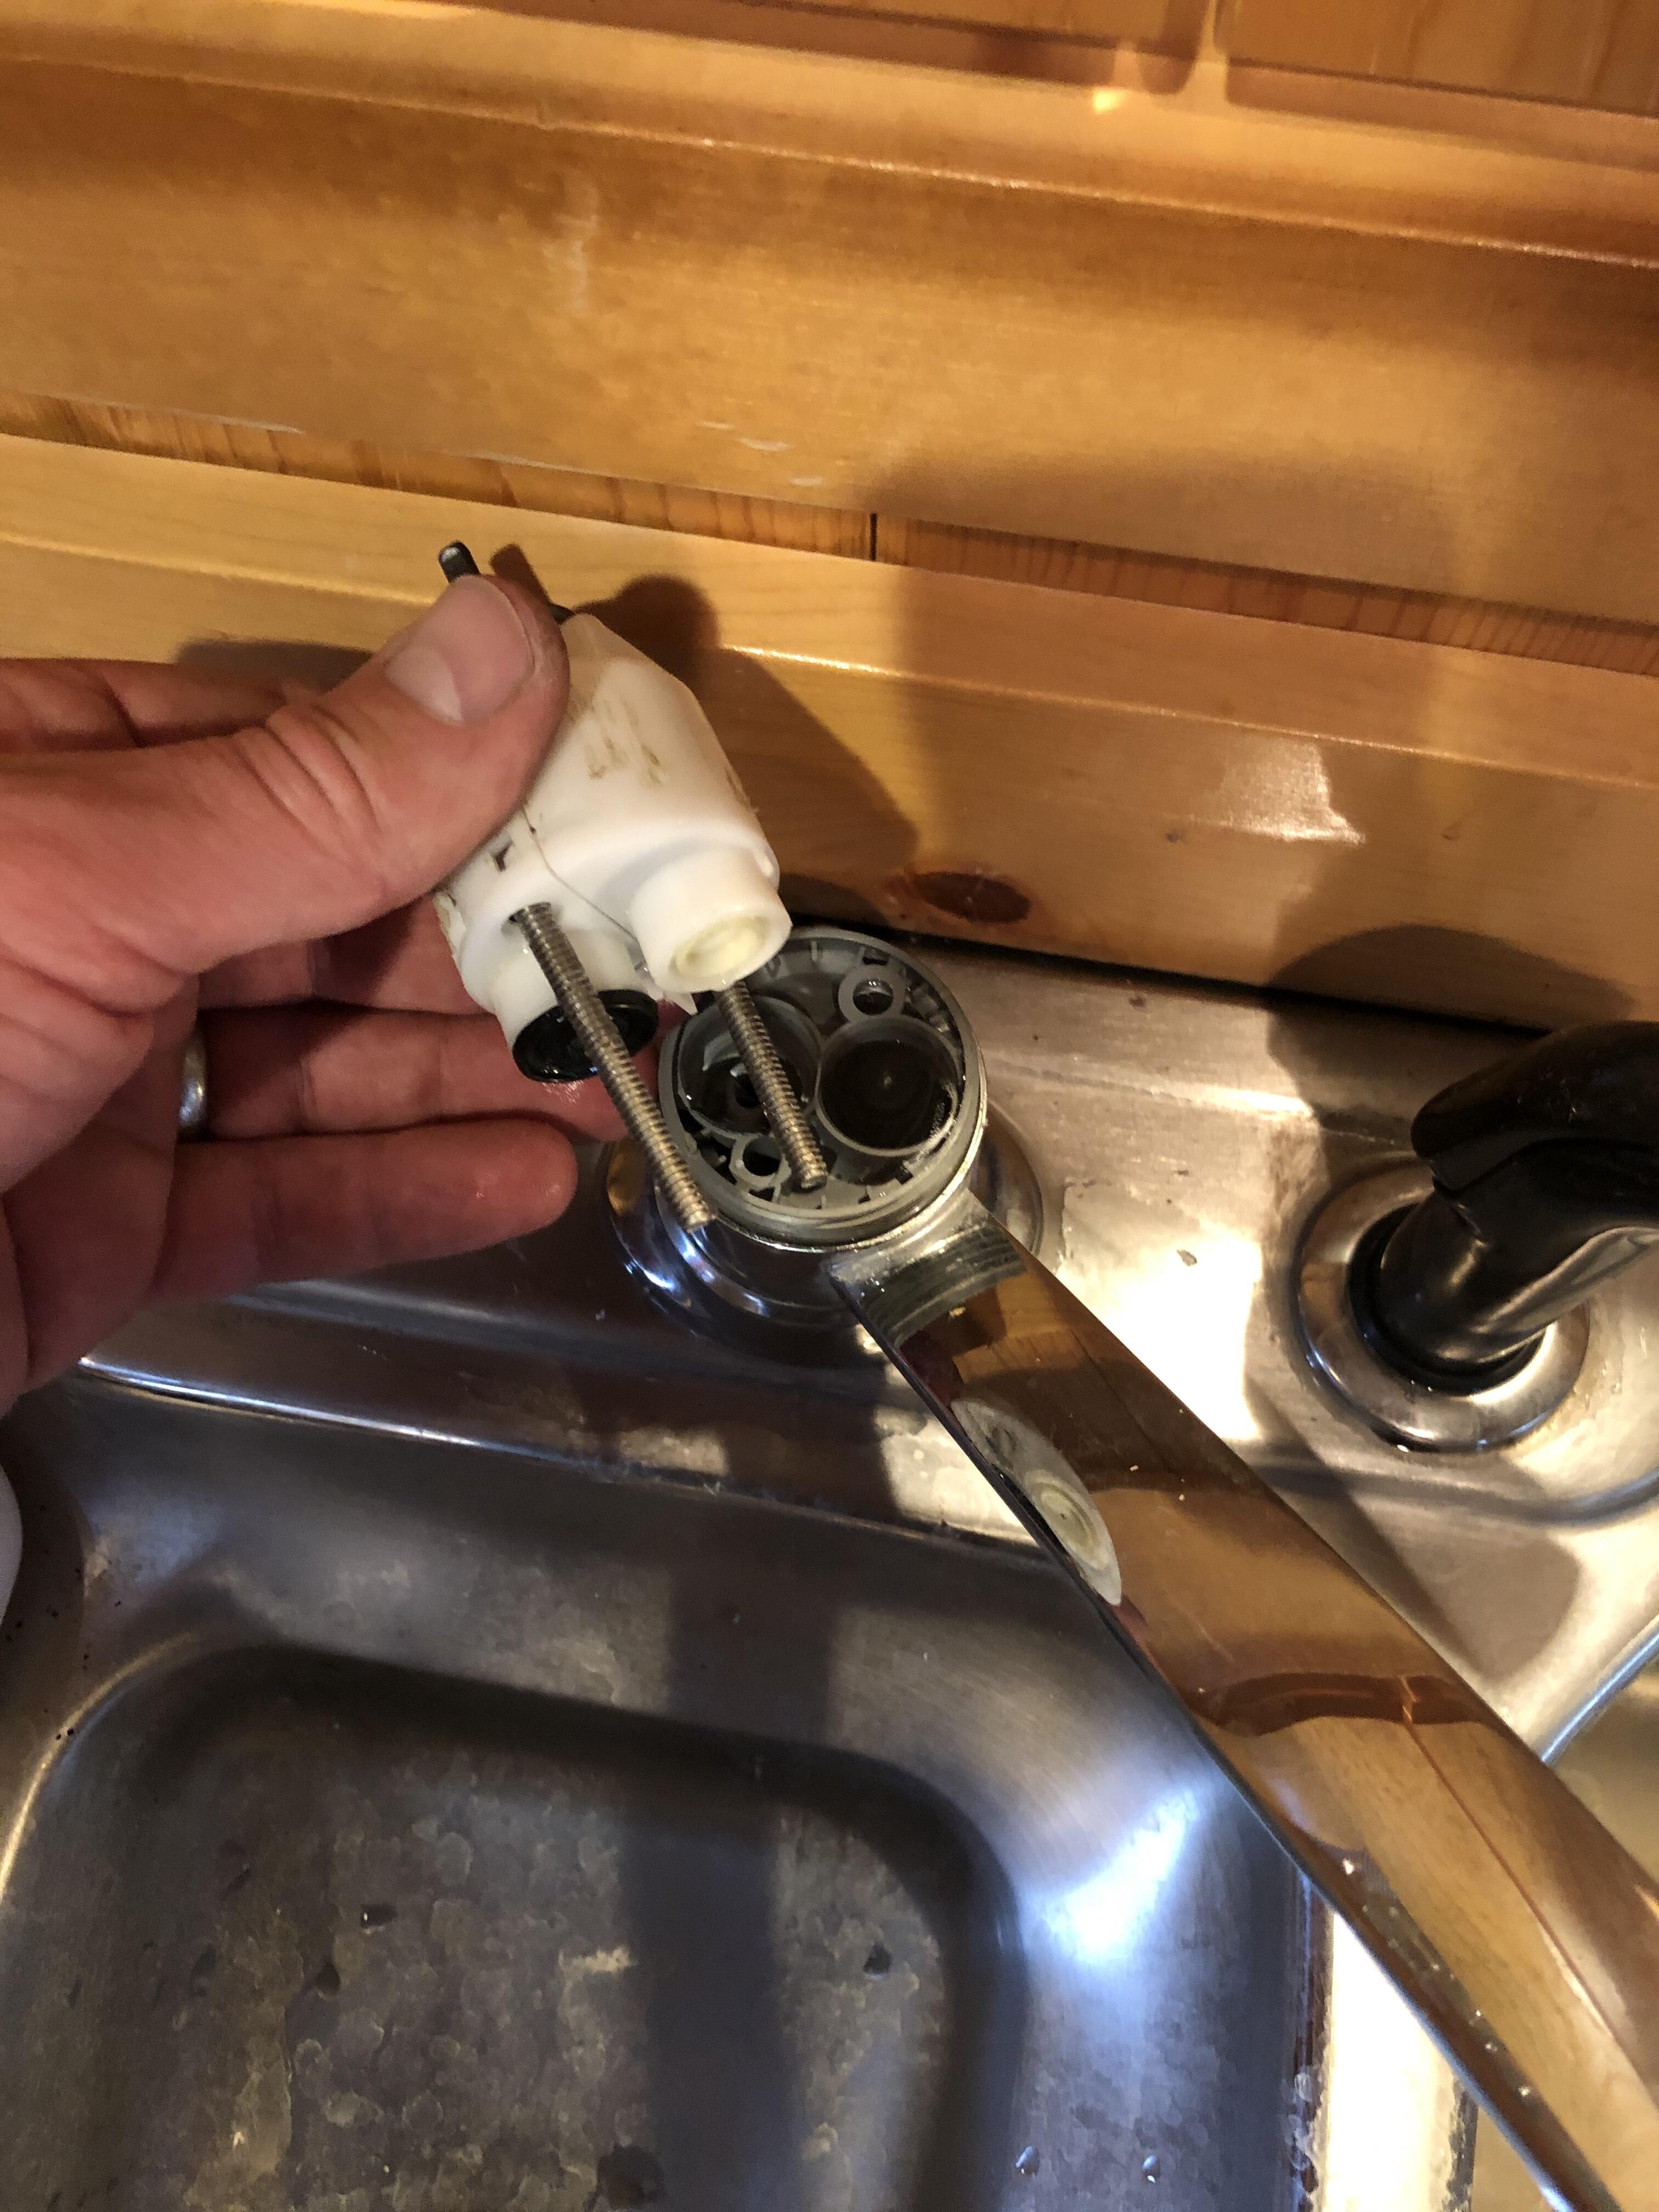 faucet-check-cartridge.jpg